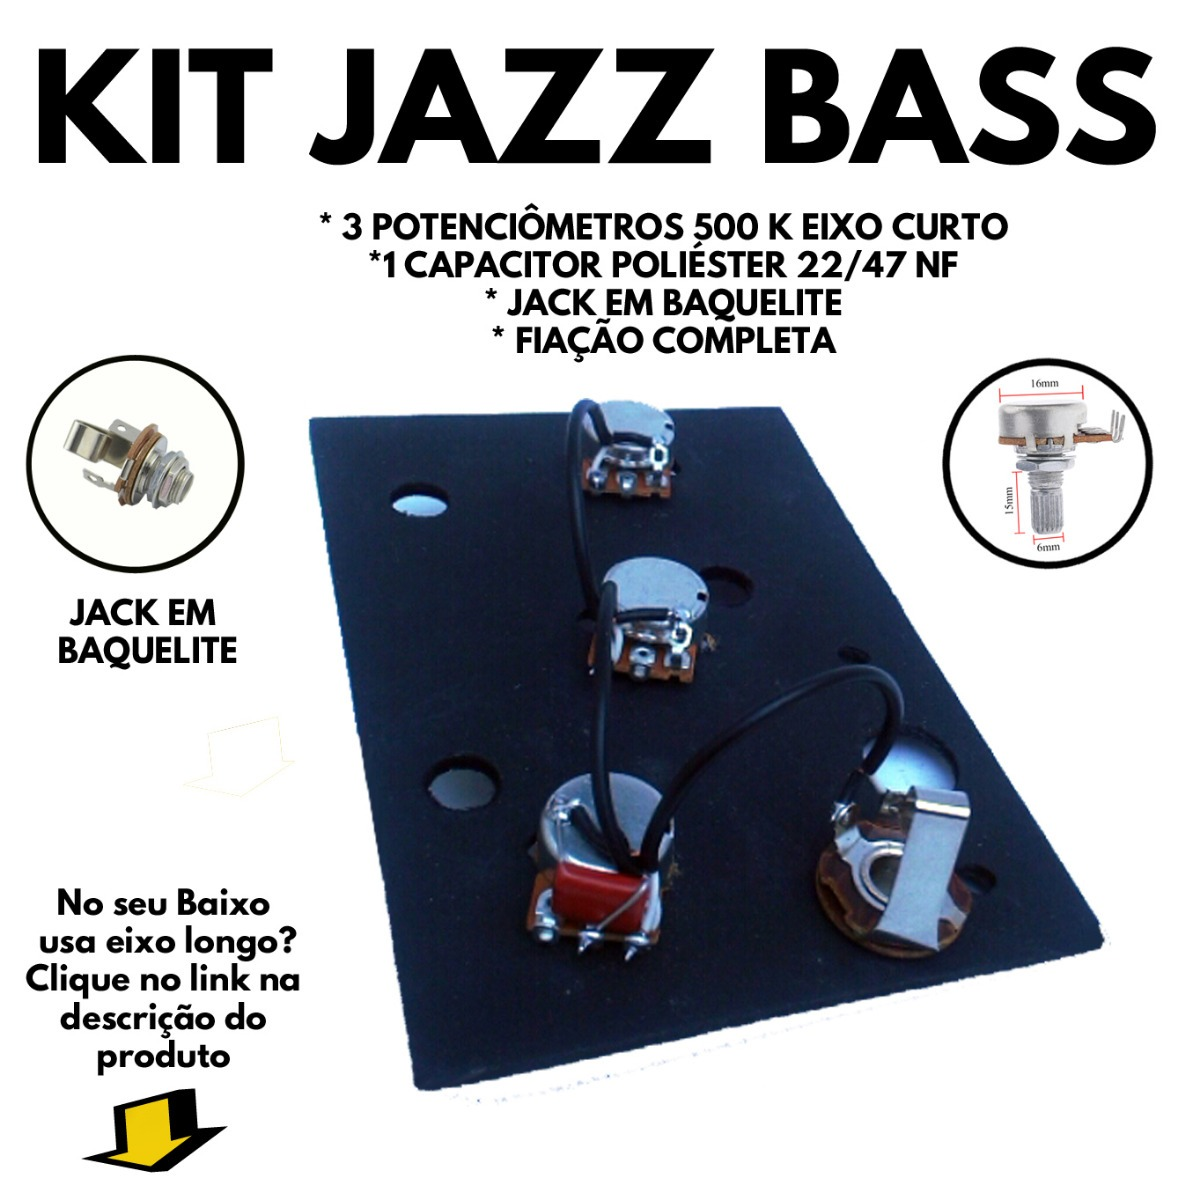 Circuito Jazz Bass : Circuito elétrico jazz bass passivo potenciômetro k r